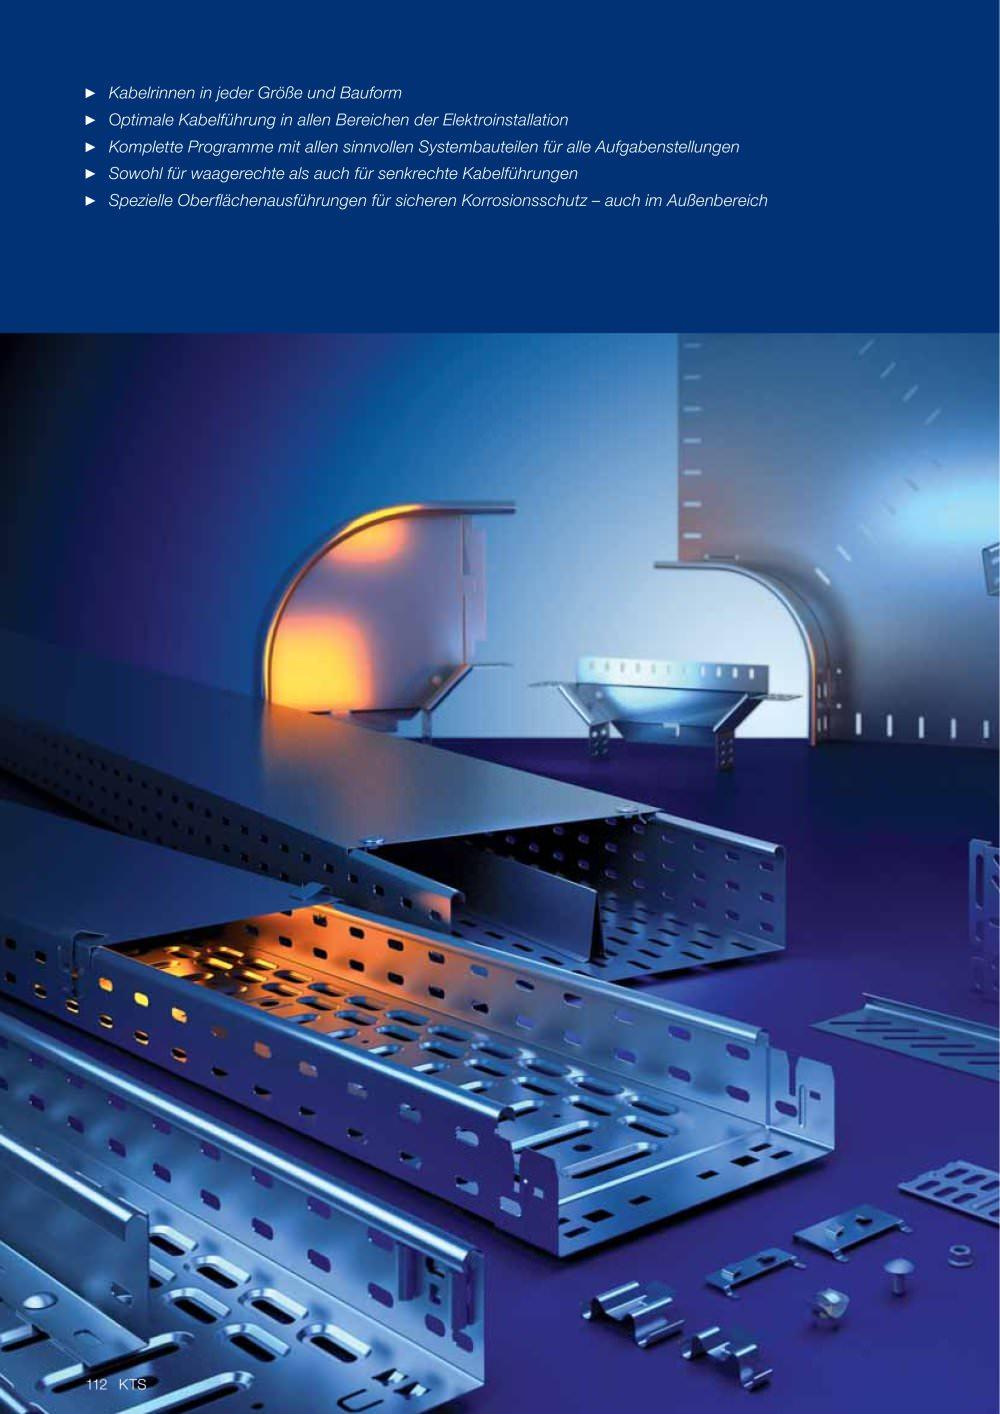 Kabelrinnen-Systeme - OBO Bettermann - PDF Katalog   technische ...